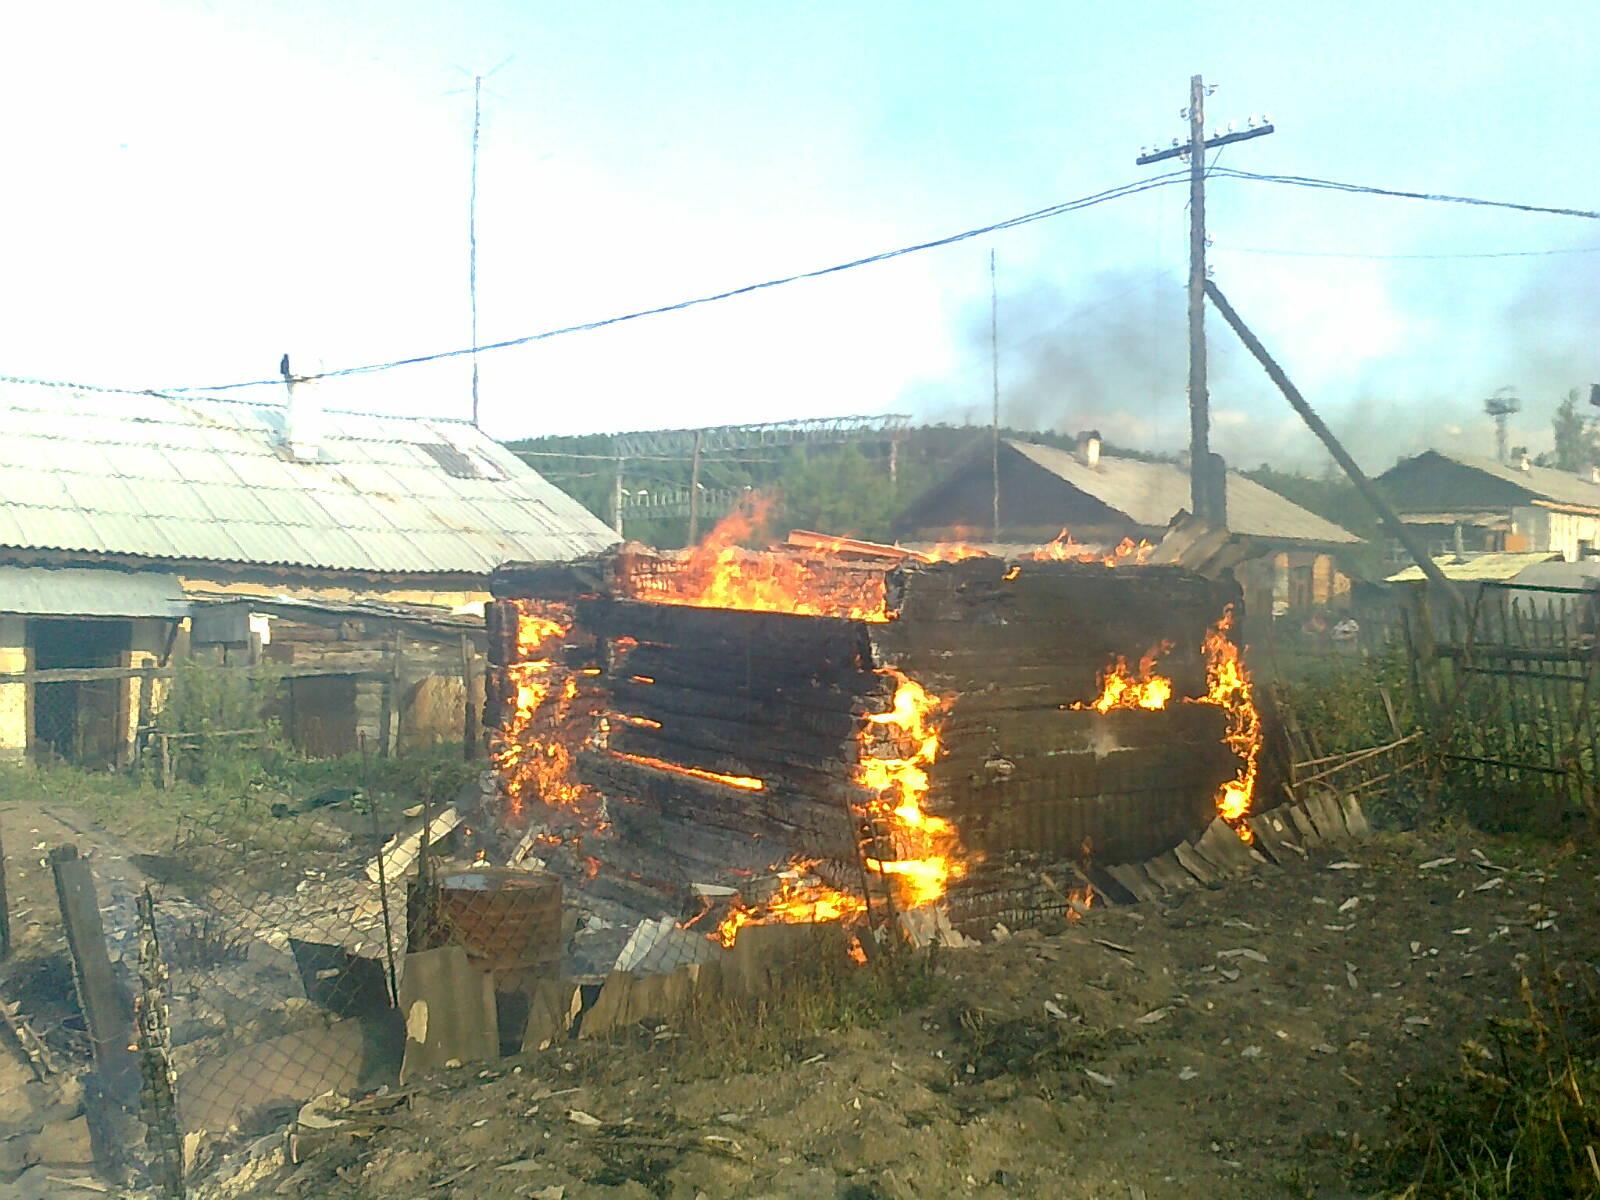 Двухэтажный барак горит в поселке Исеть